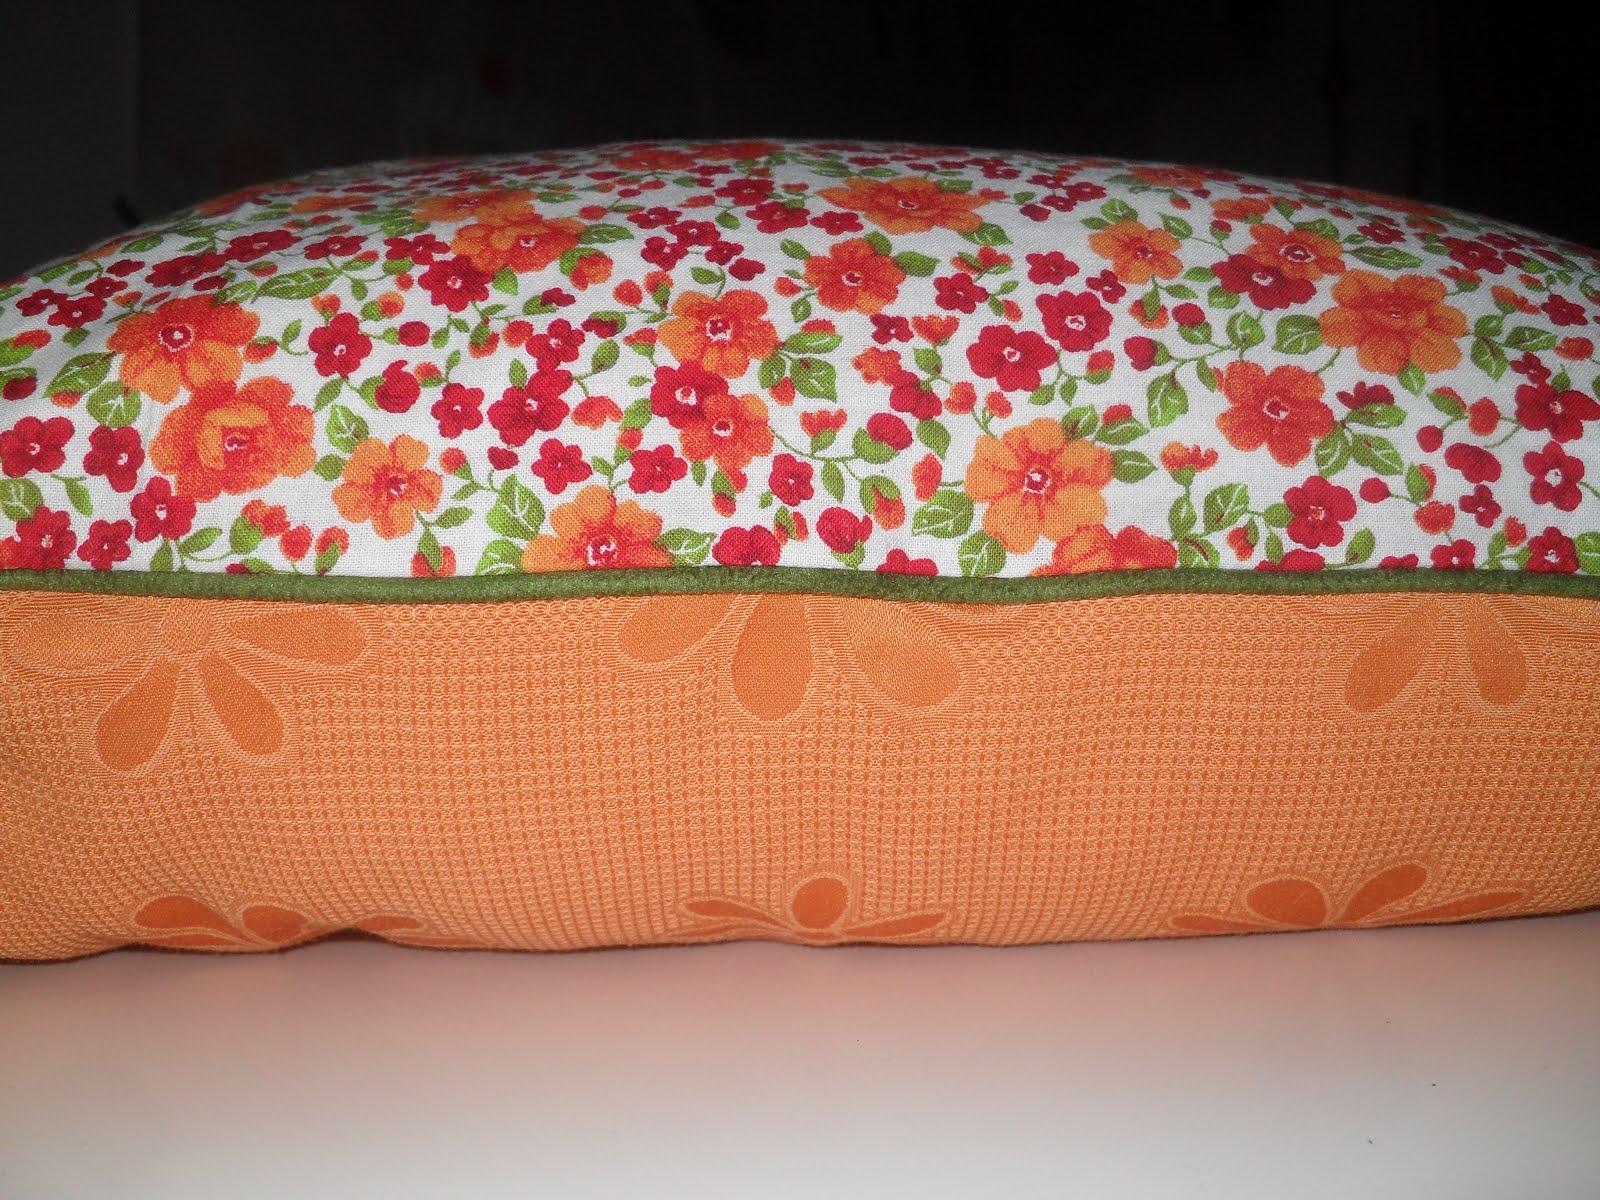 Oranje Kussens Ikea : Gele kussens ikea: beste ideeën over gele kussens op pinterest